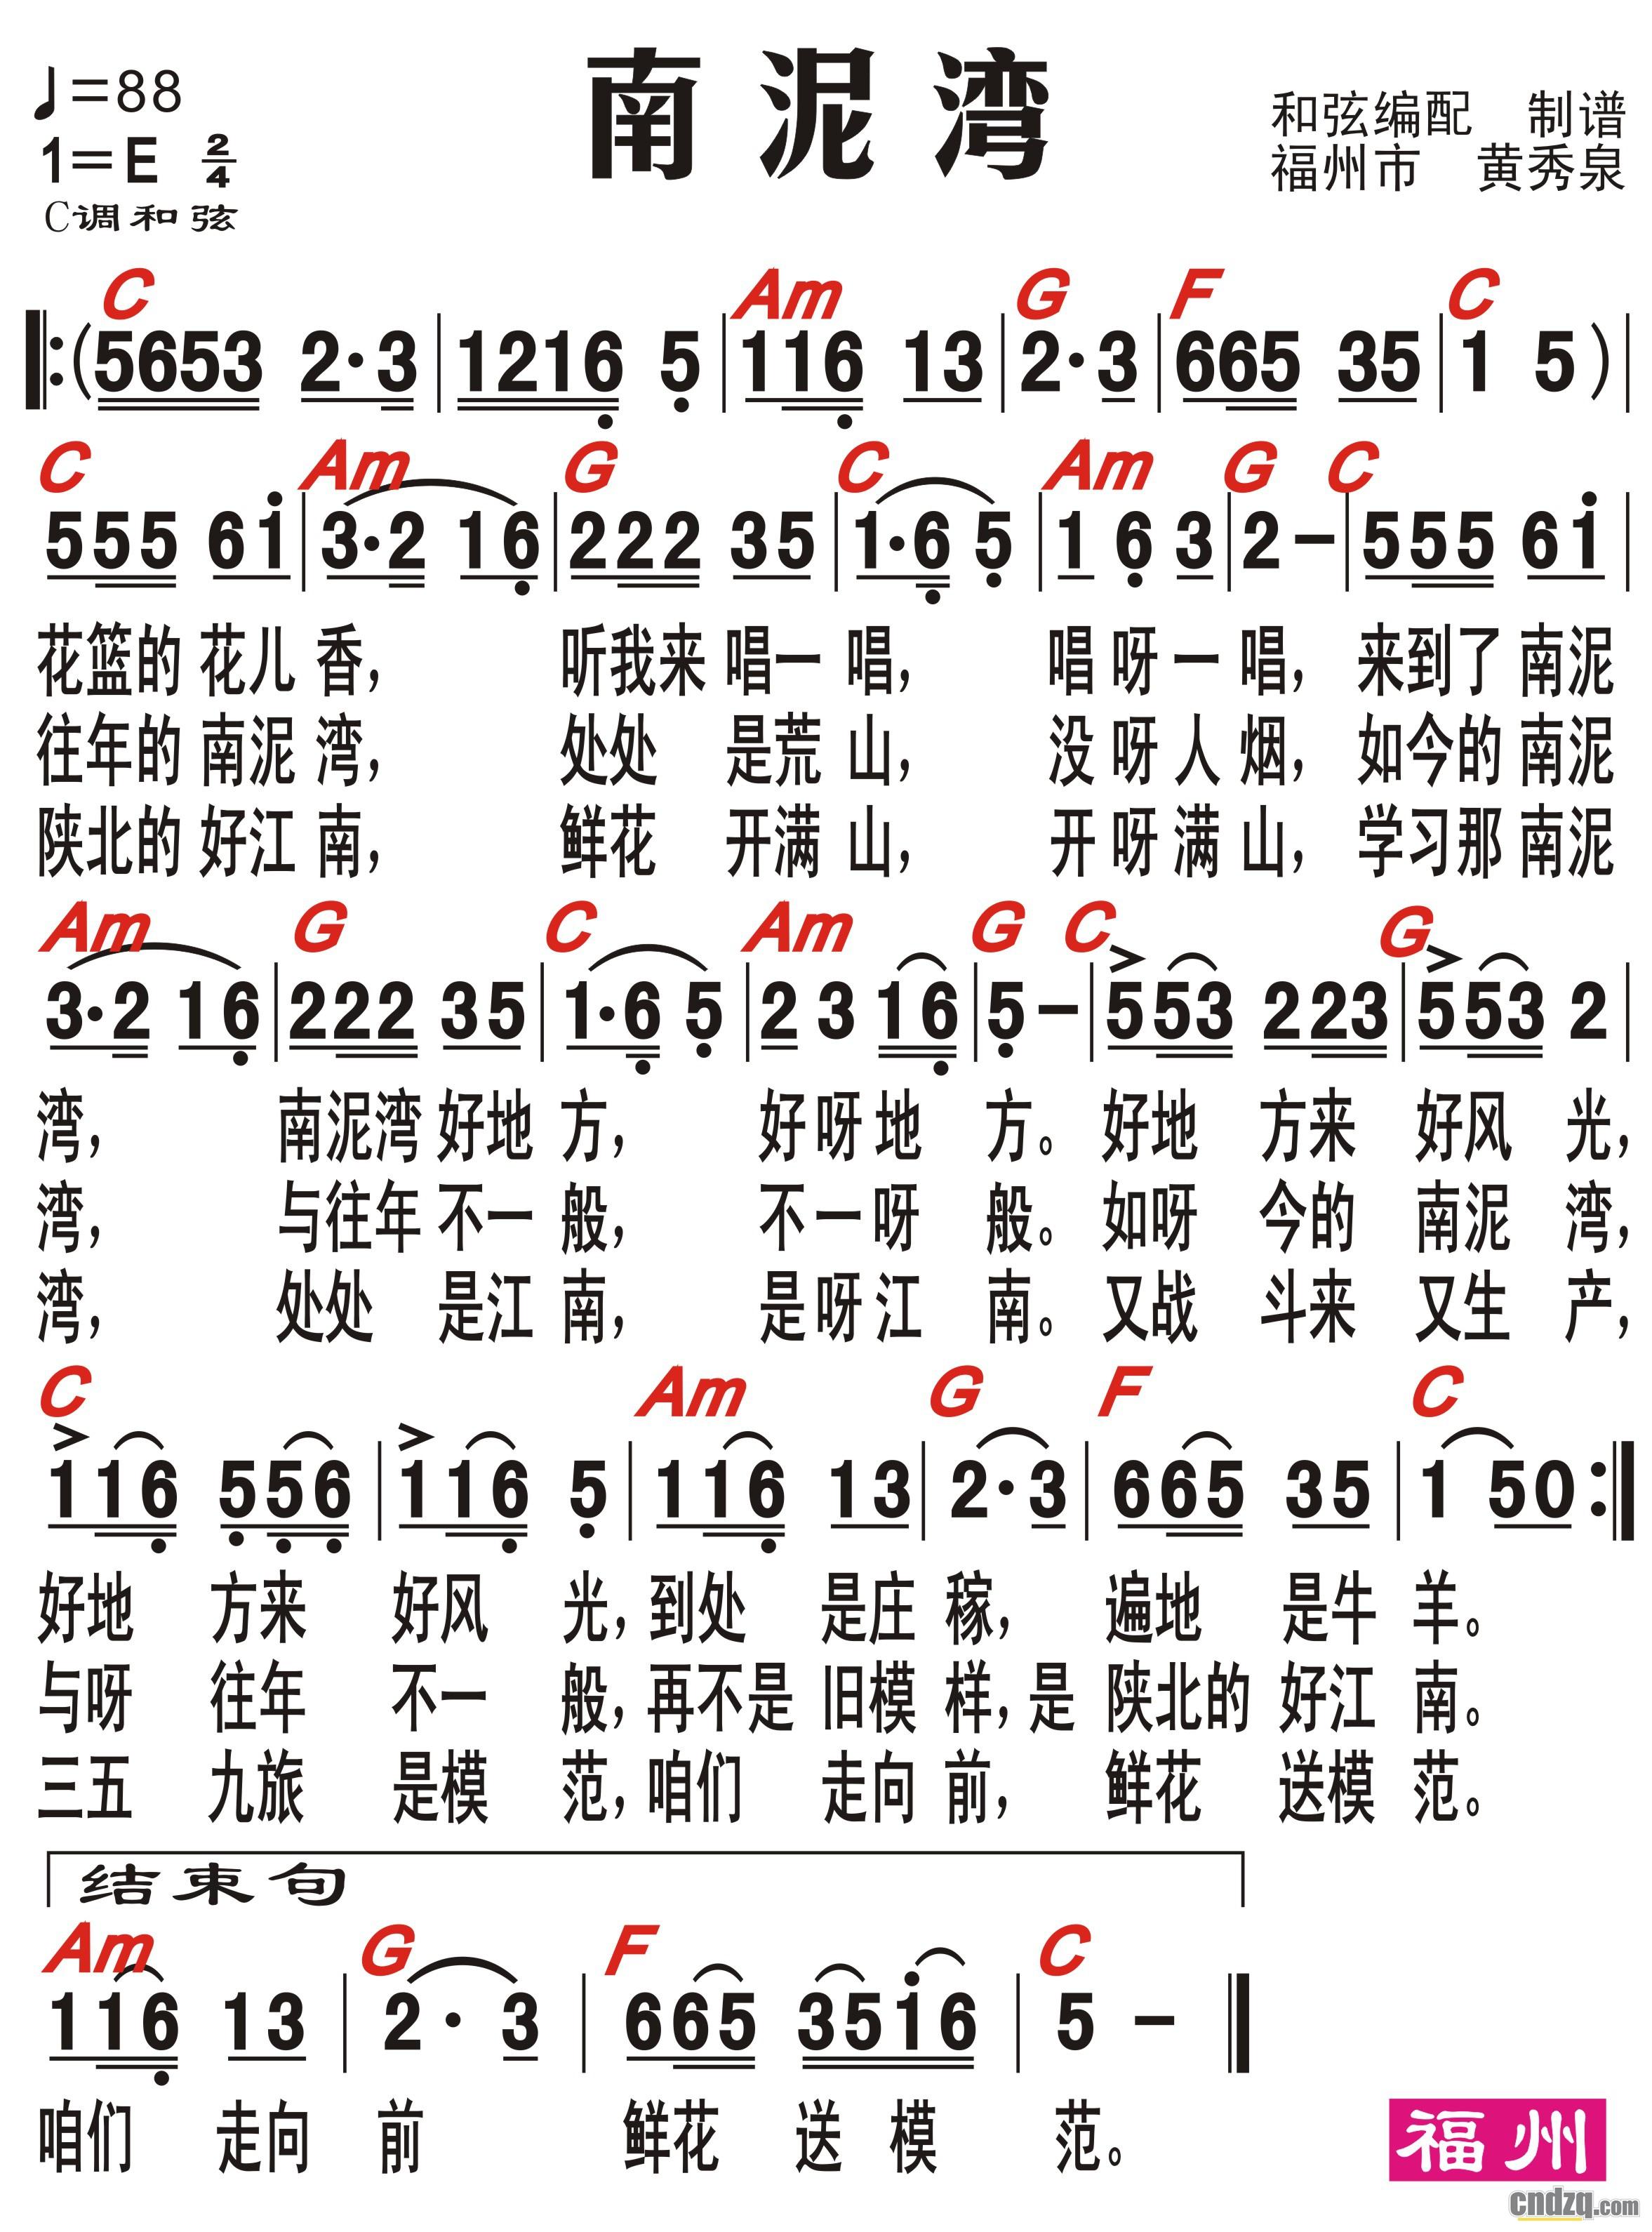 《南泥湾》带和弦简谱正稿-单排键电子琴学习区-中国